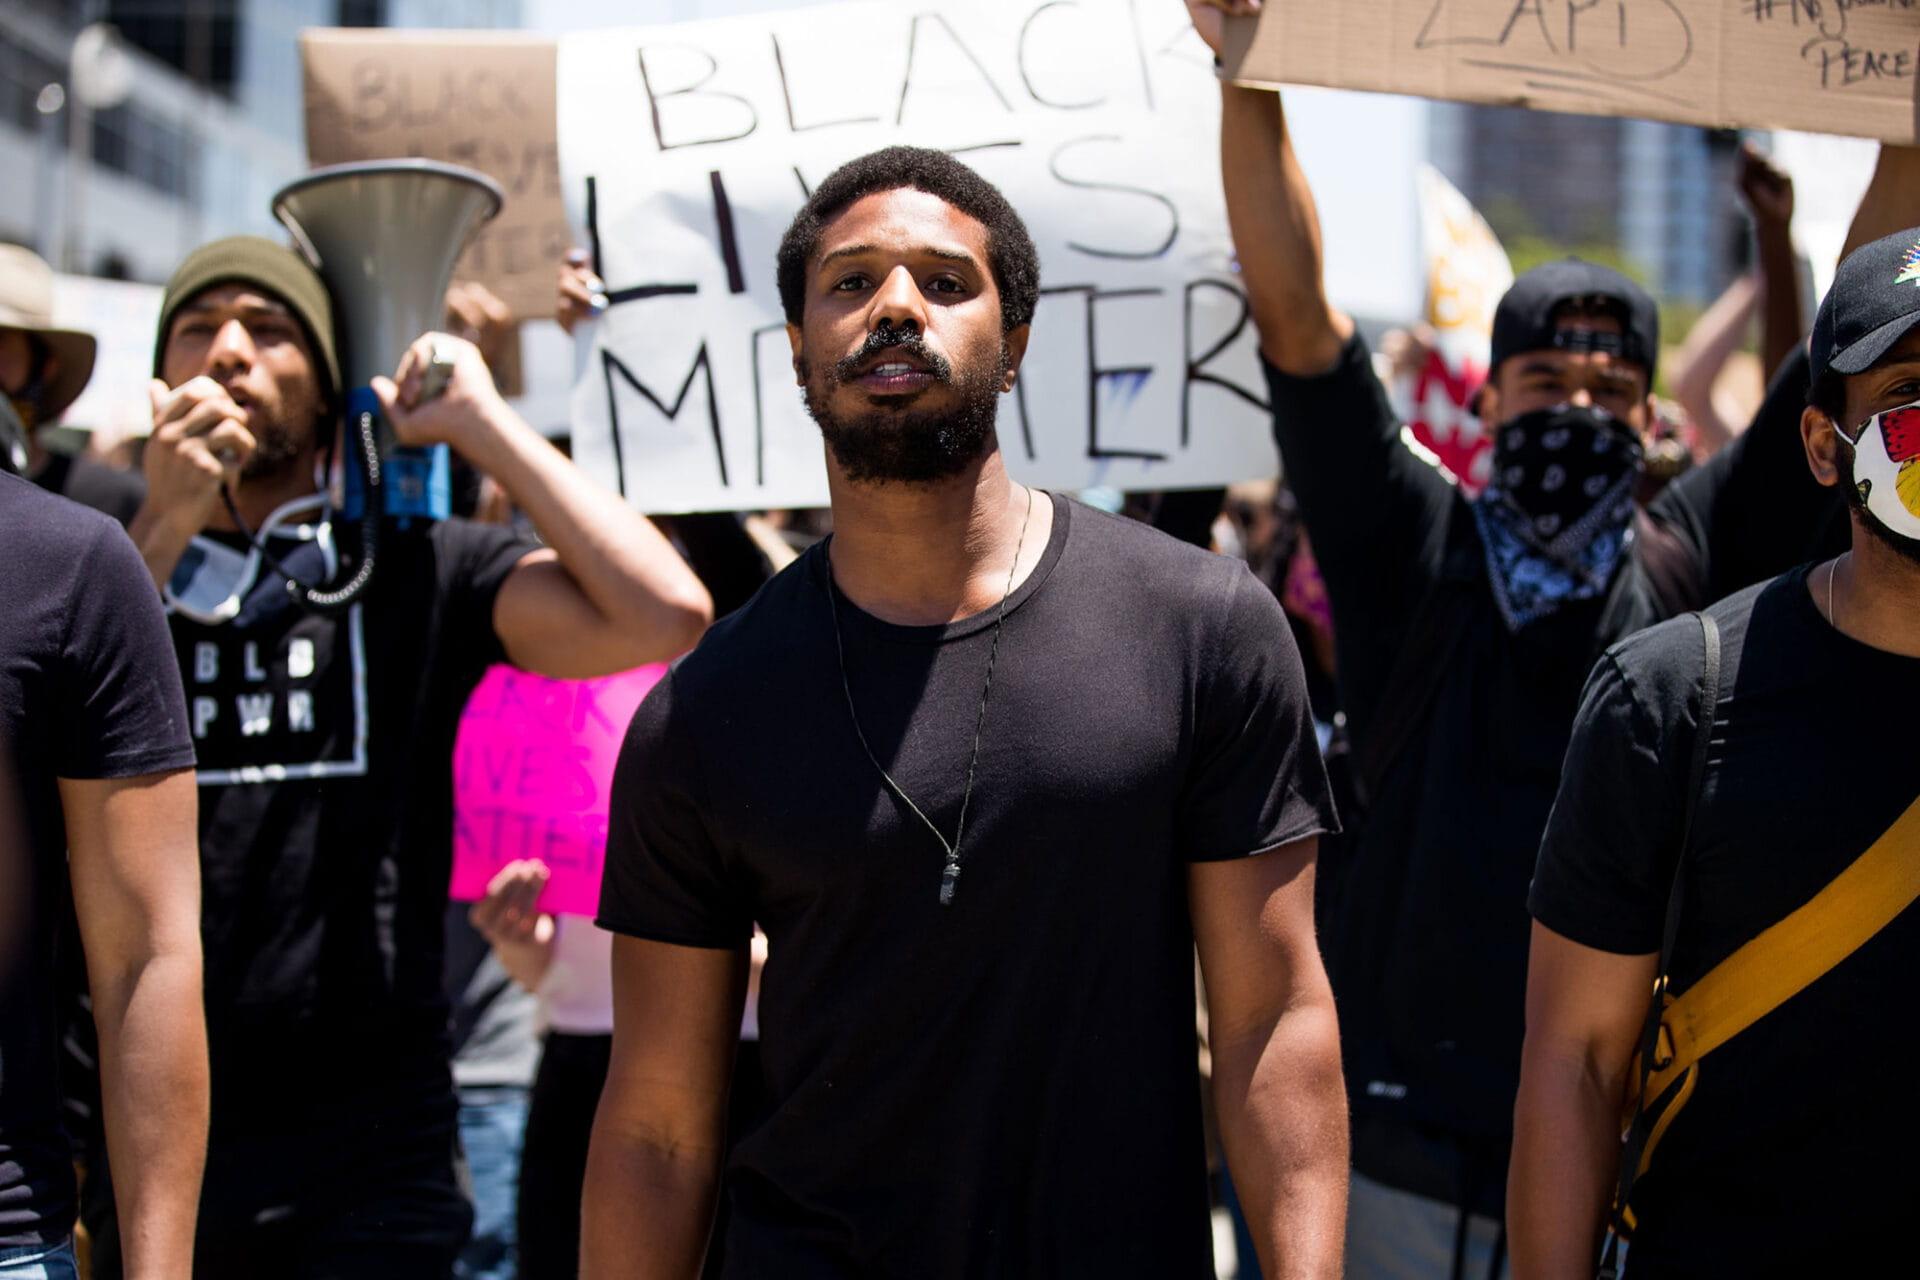 Michael B. Jordan faz discurso exigindo representatividade racial em Hollywood